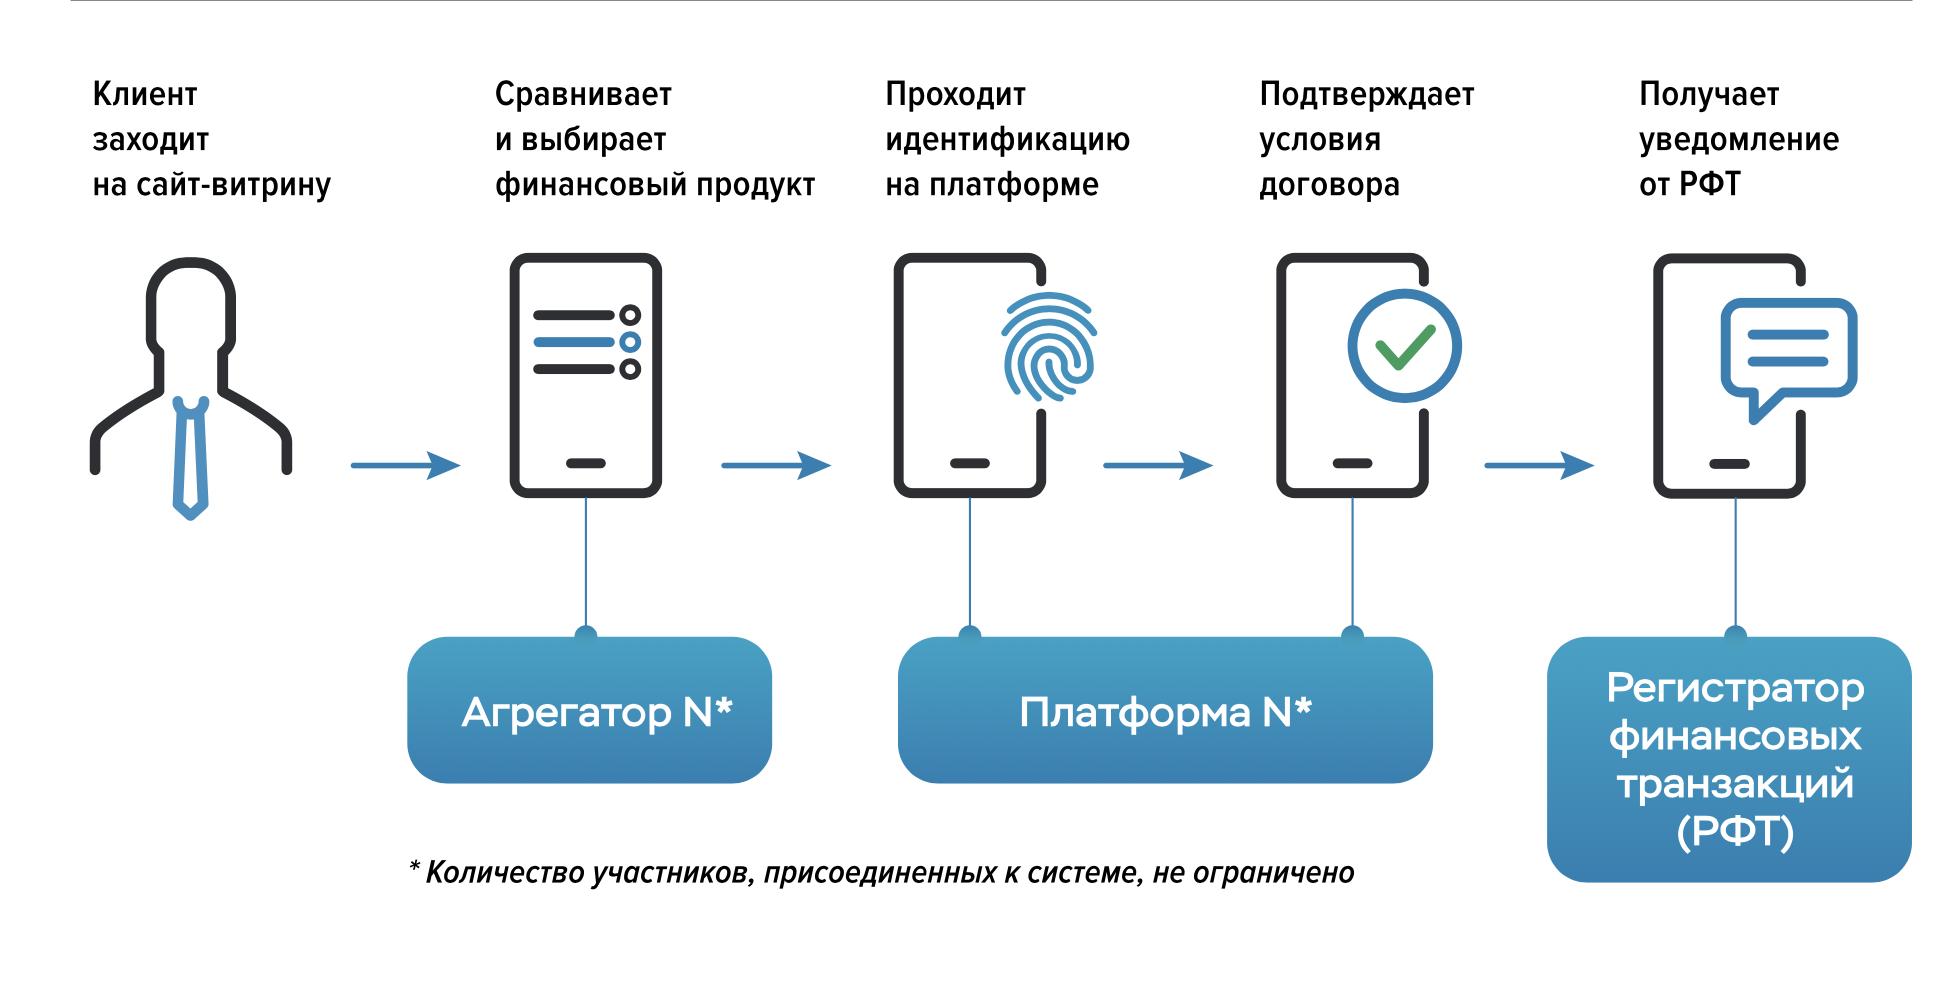 Финансовый онлайн маркетплейс: россияне дождались посредника, которому можно точно доверять